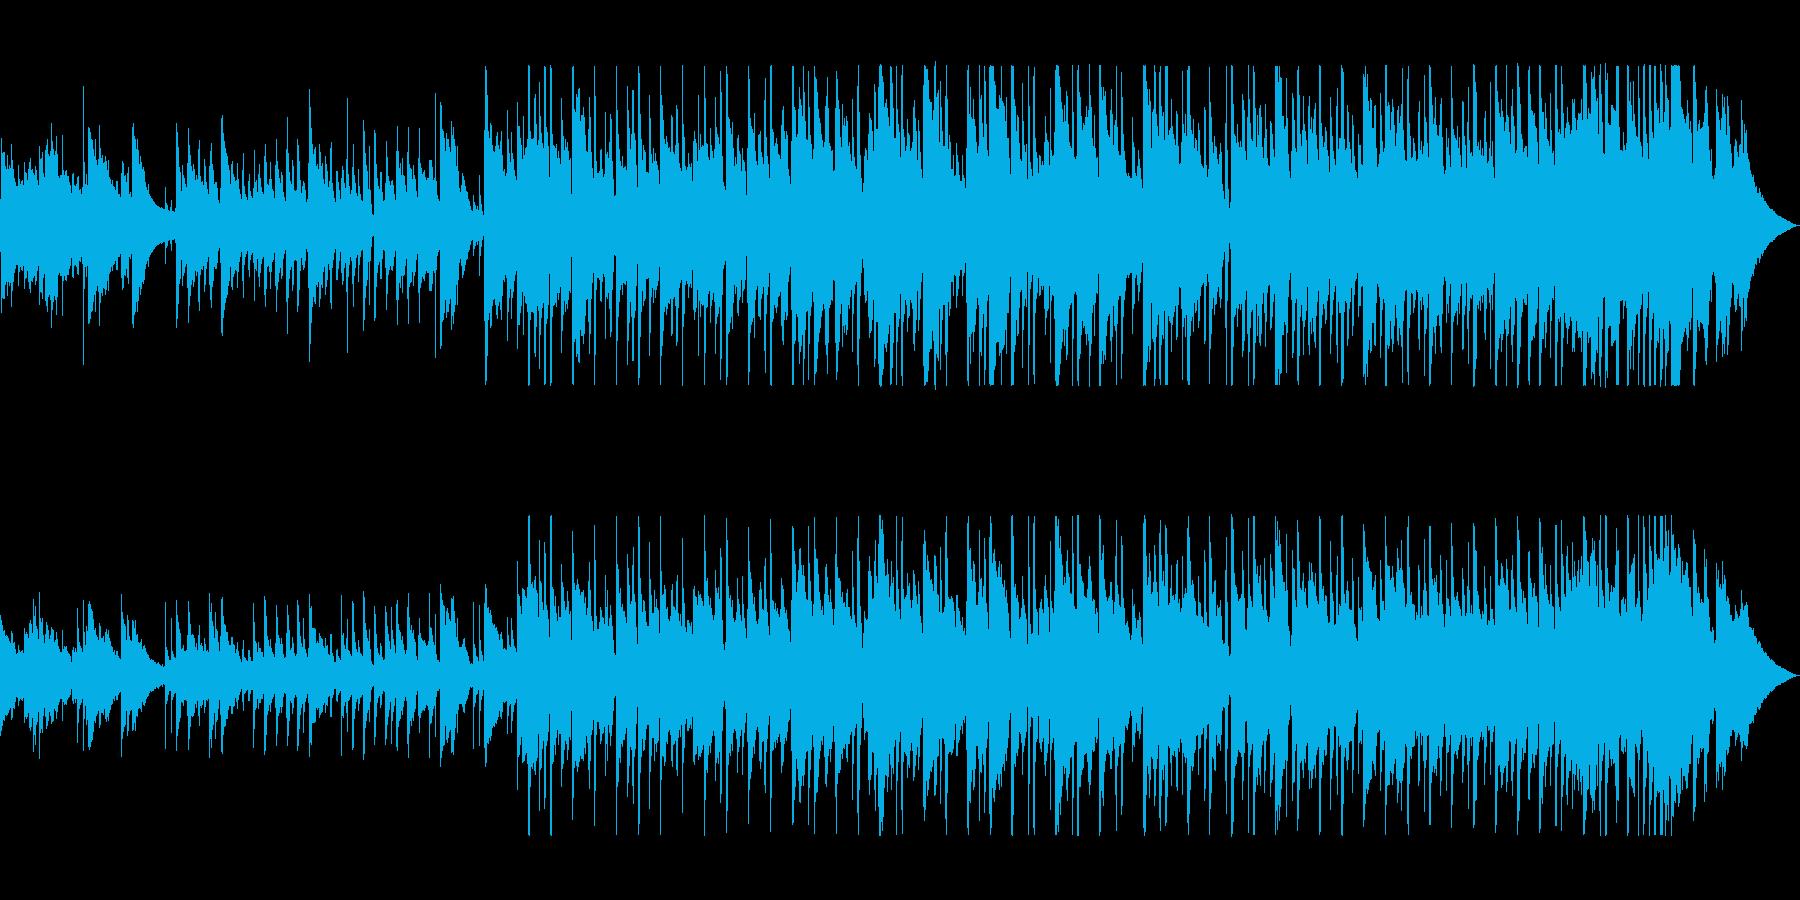 ゆっくりしたアコースティックギターの曲の再生済みの波形